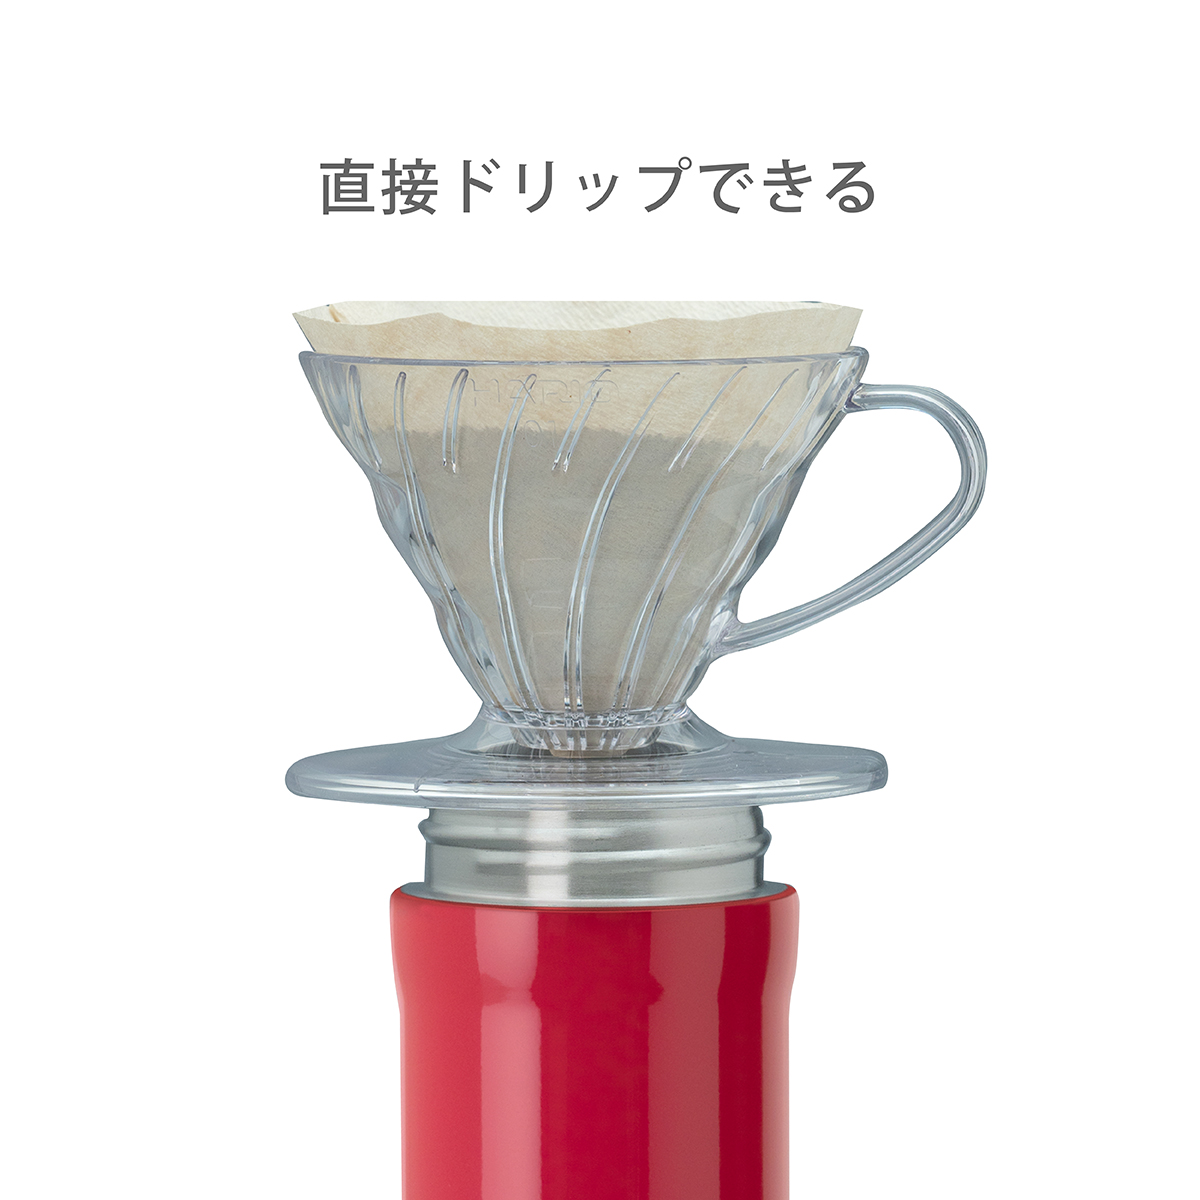 CURRENT コーヒーマグボトル 350ml ブラック image04